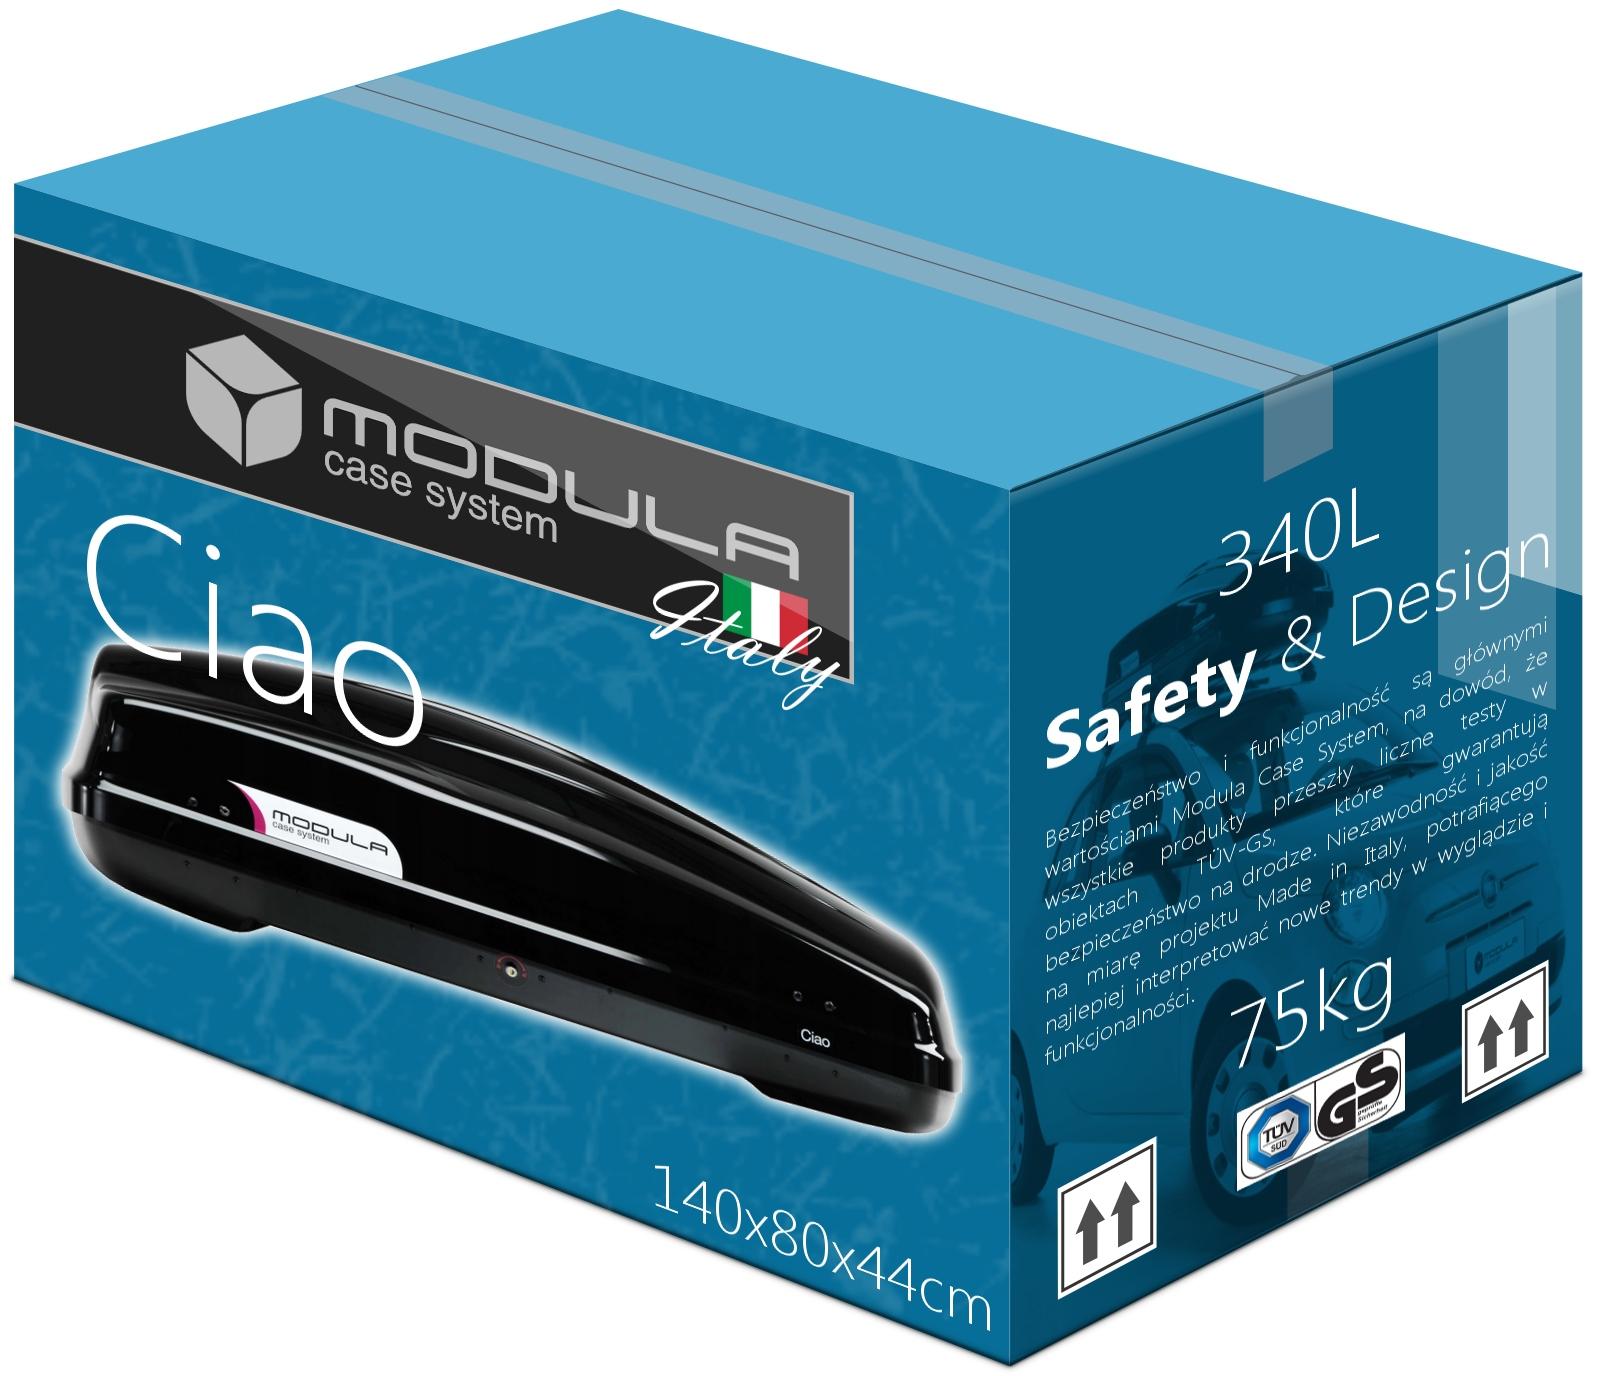 Коробка на крышу BOX MODULA Ciao 340L 140x80x44 см